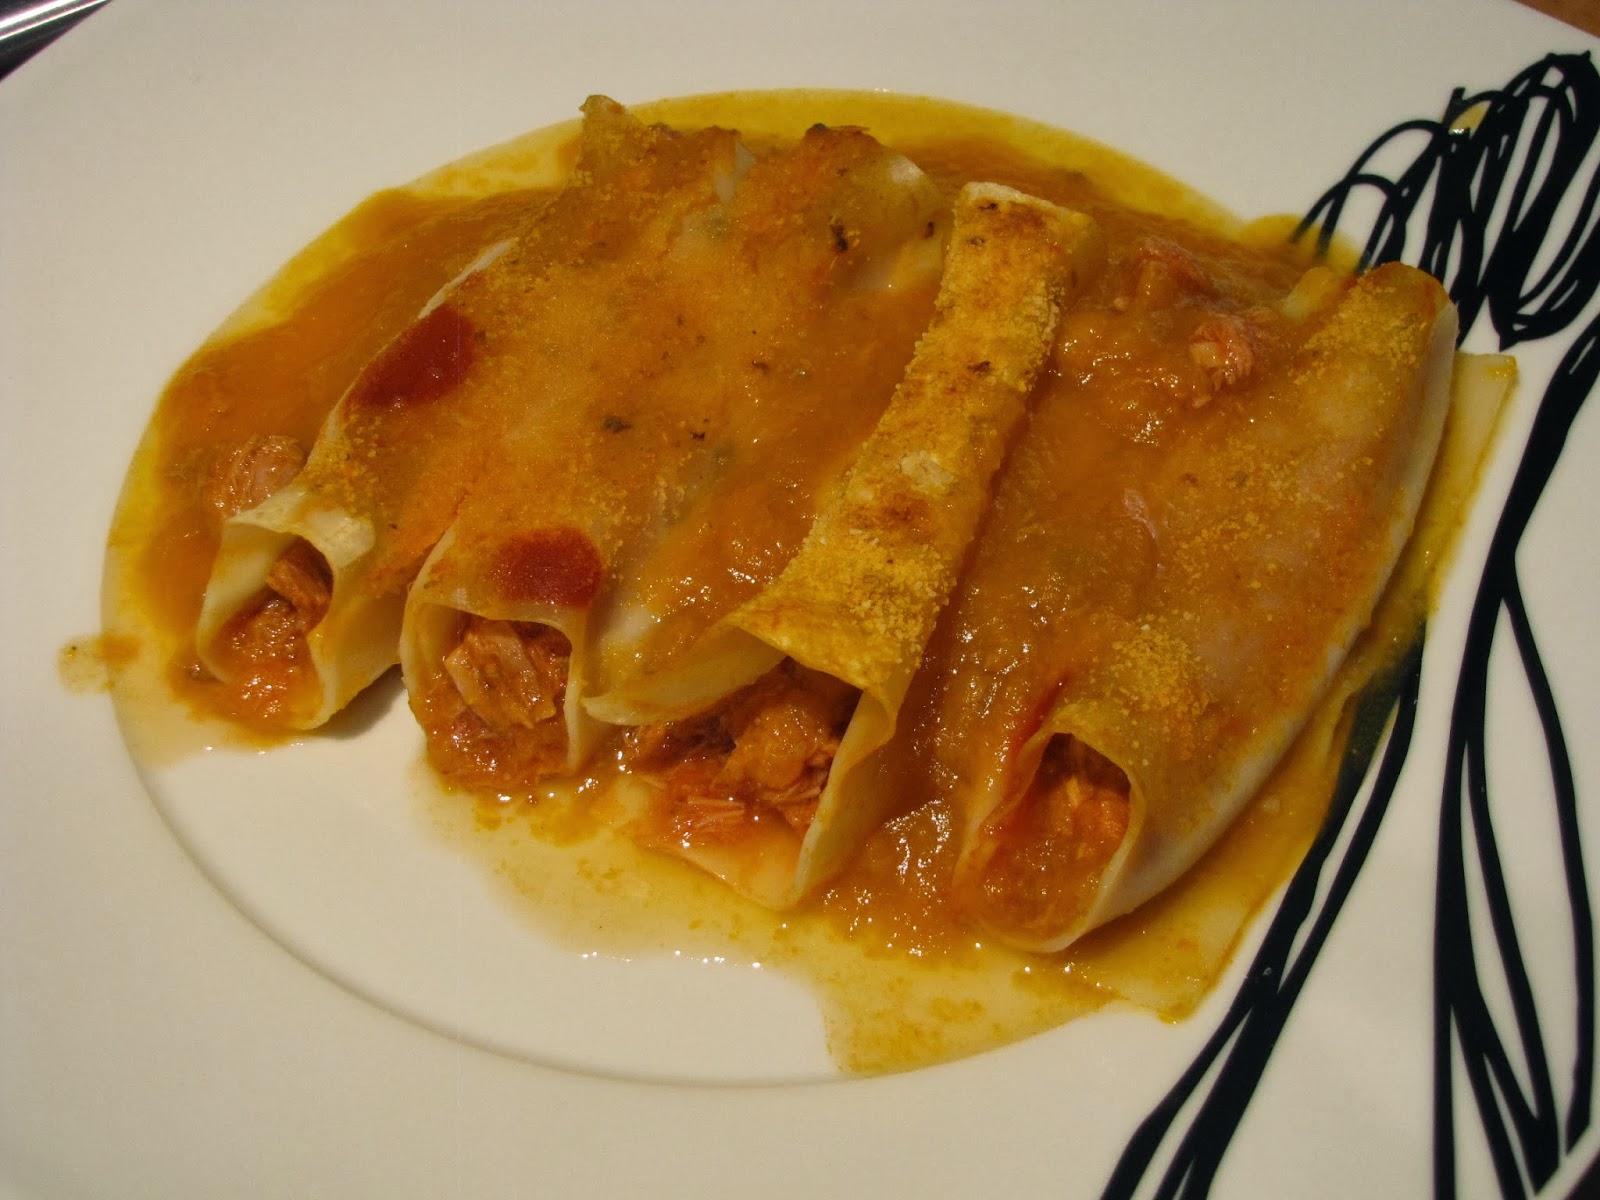 Dieta del bocadillo canelones de at n - Canelones en microondas ...